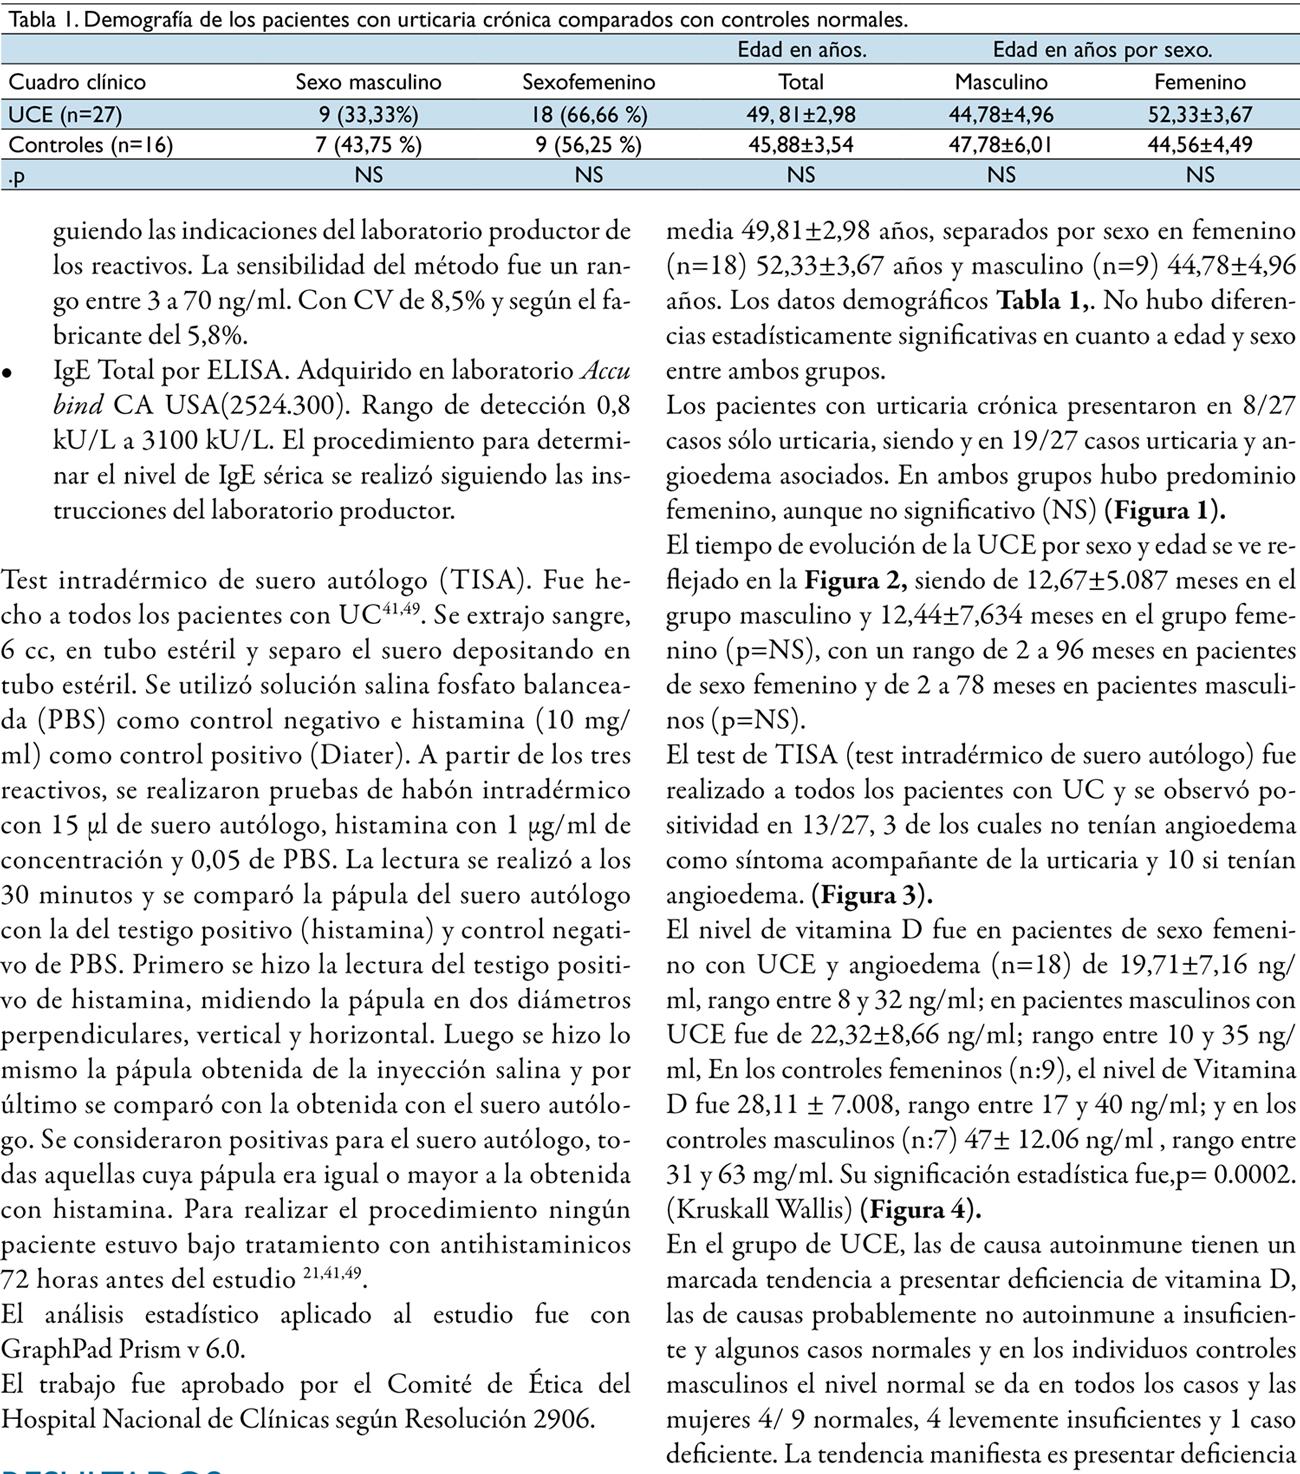 Estudio de la relación entre el nivel de vitamina D e IgE séricas en pacientes que padecen urticaria crónica de causas autoinmune y no autoinmune